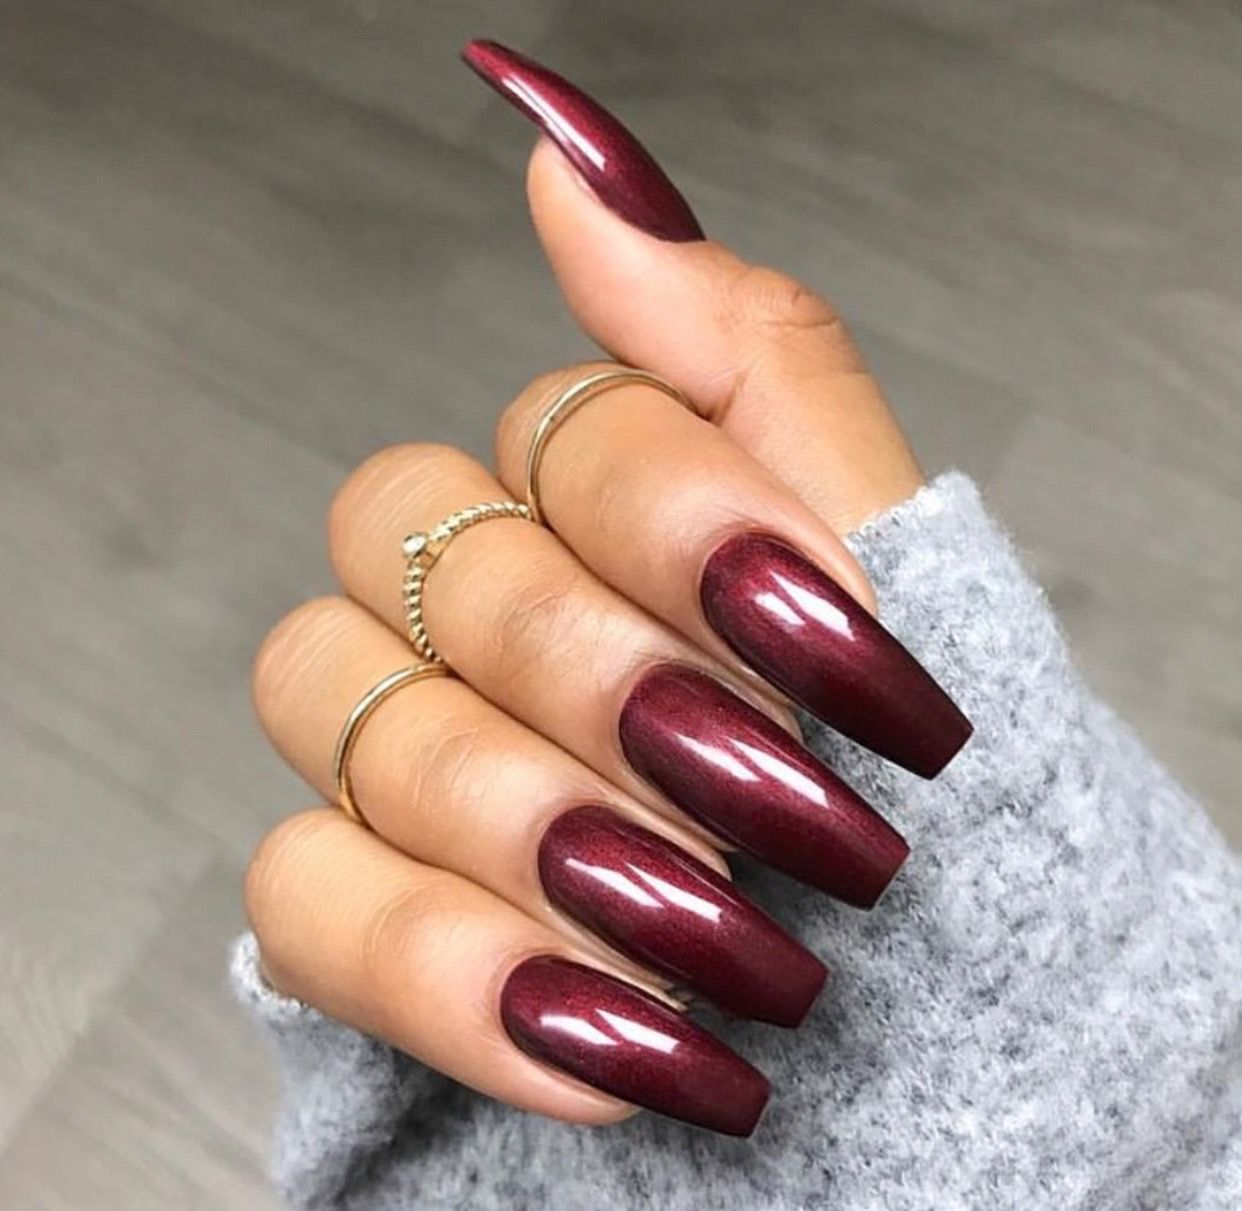 Burgundy Wine Nail Color Long Square Coffin Acrylic Nails Shimmer Nail Art And Nail Design Gold Rings Nail Ideas Wine Nails Trendy Nails Nail Shimmer